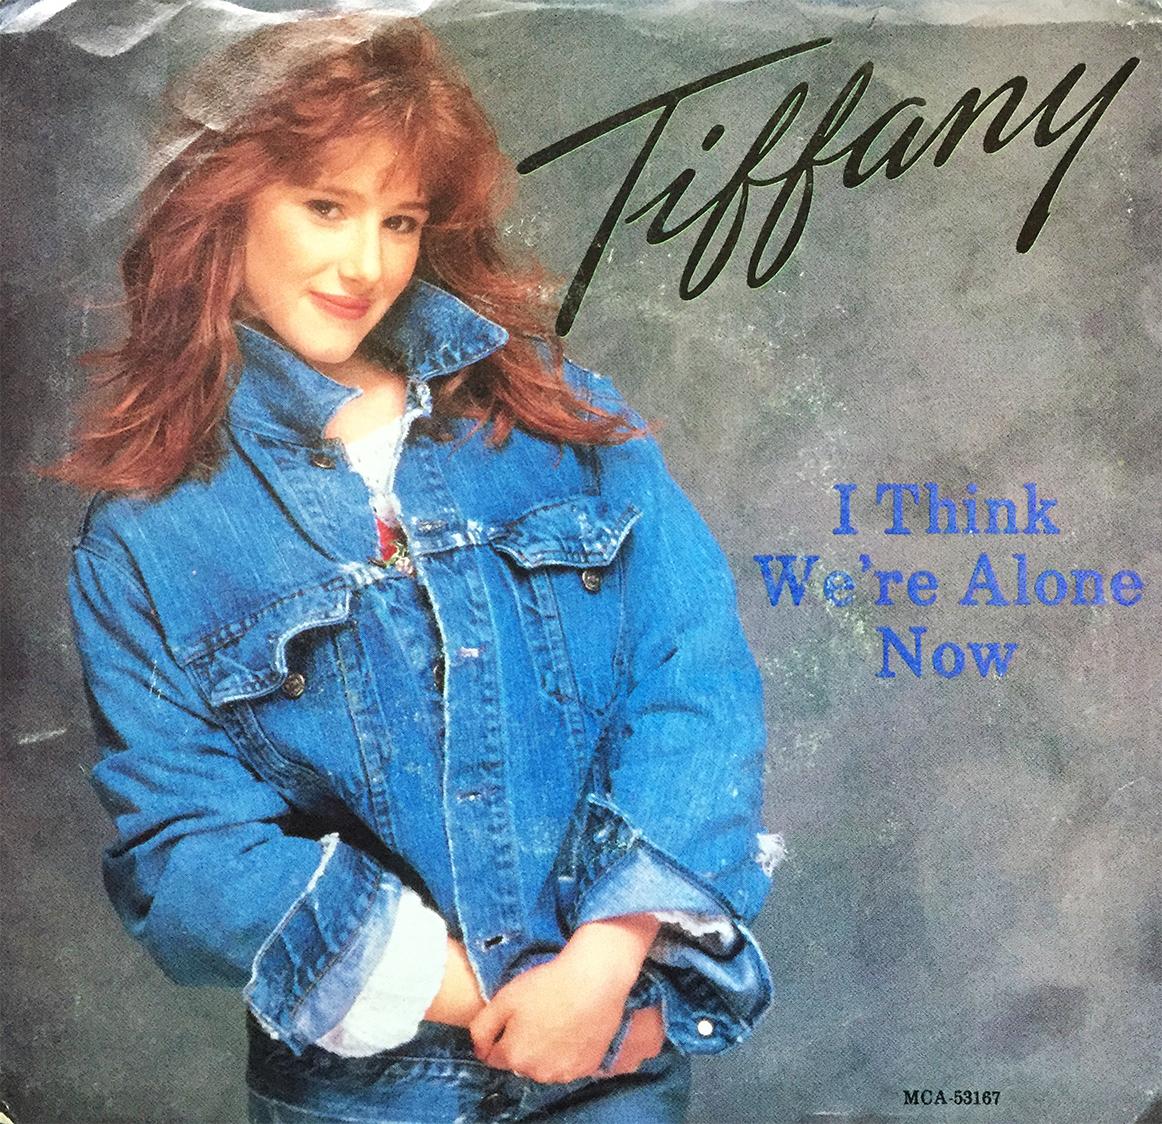 Tiffany 80s 2015